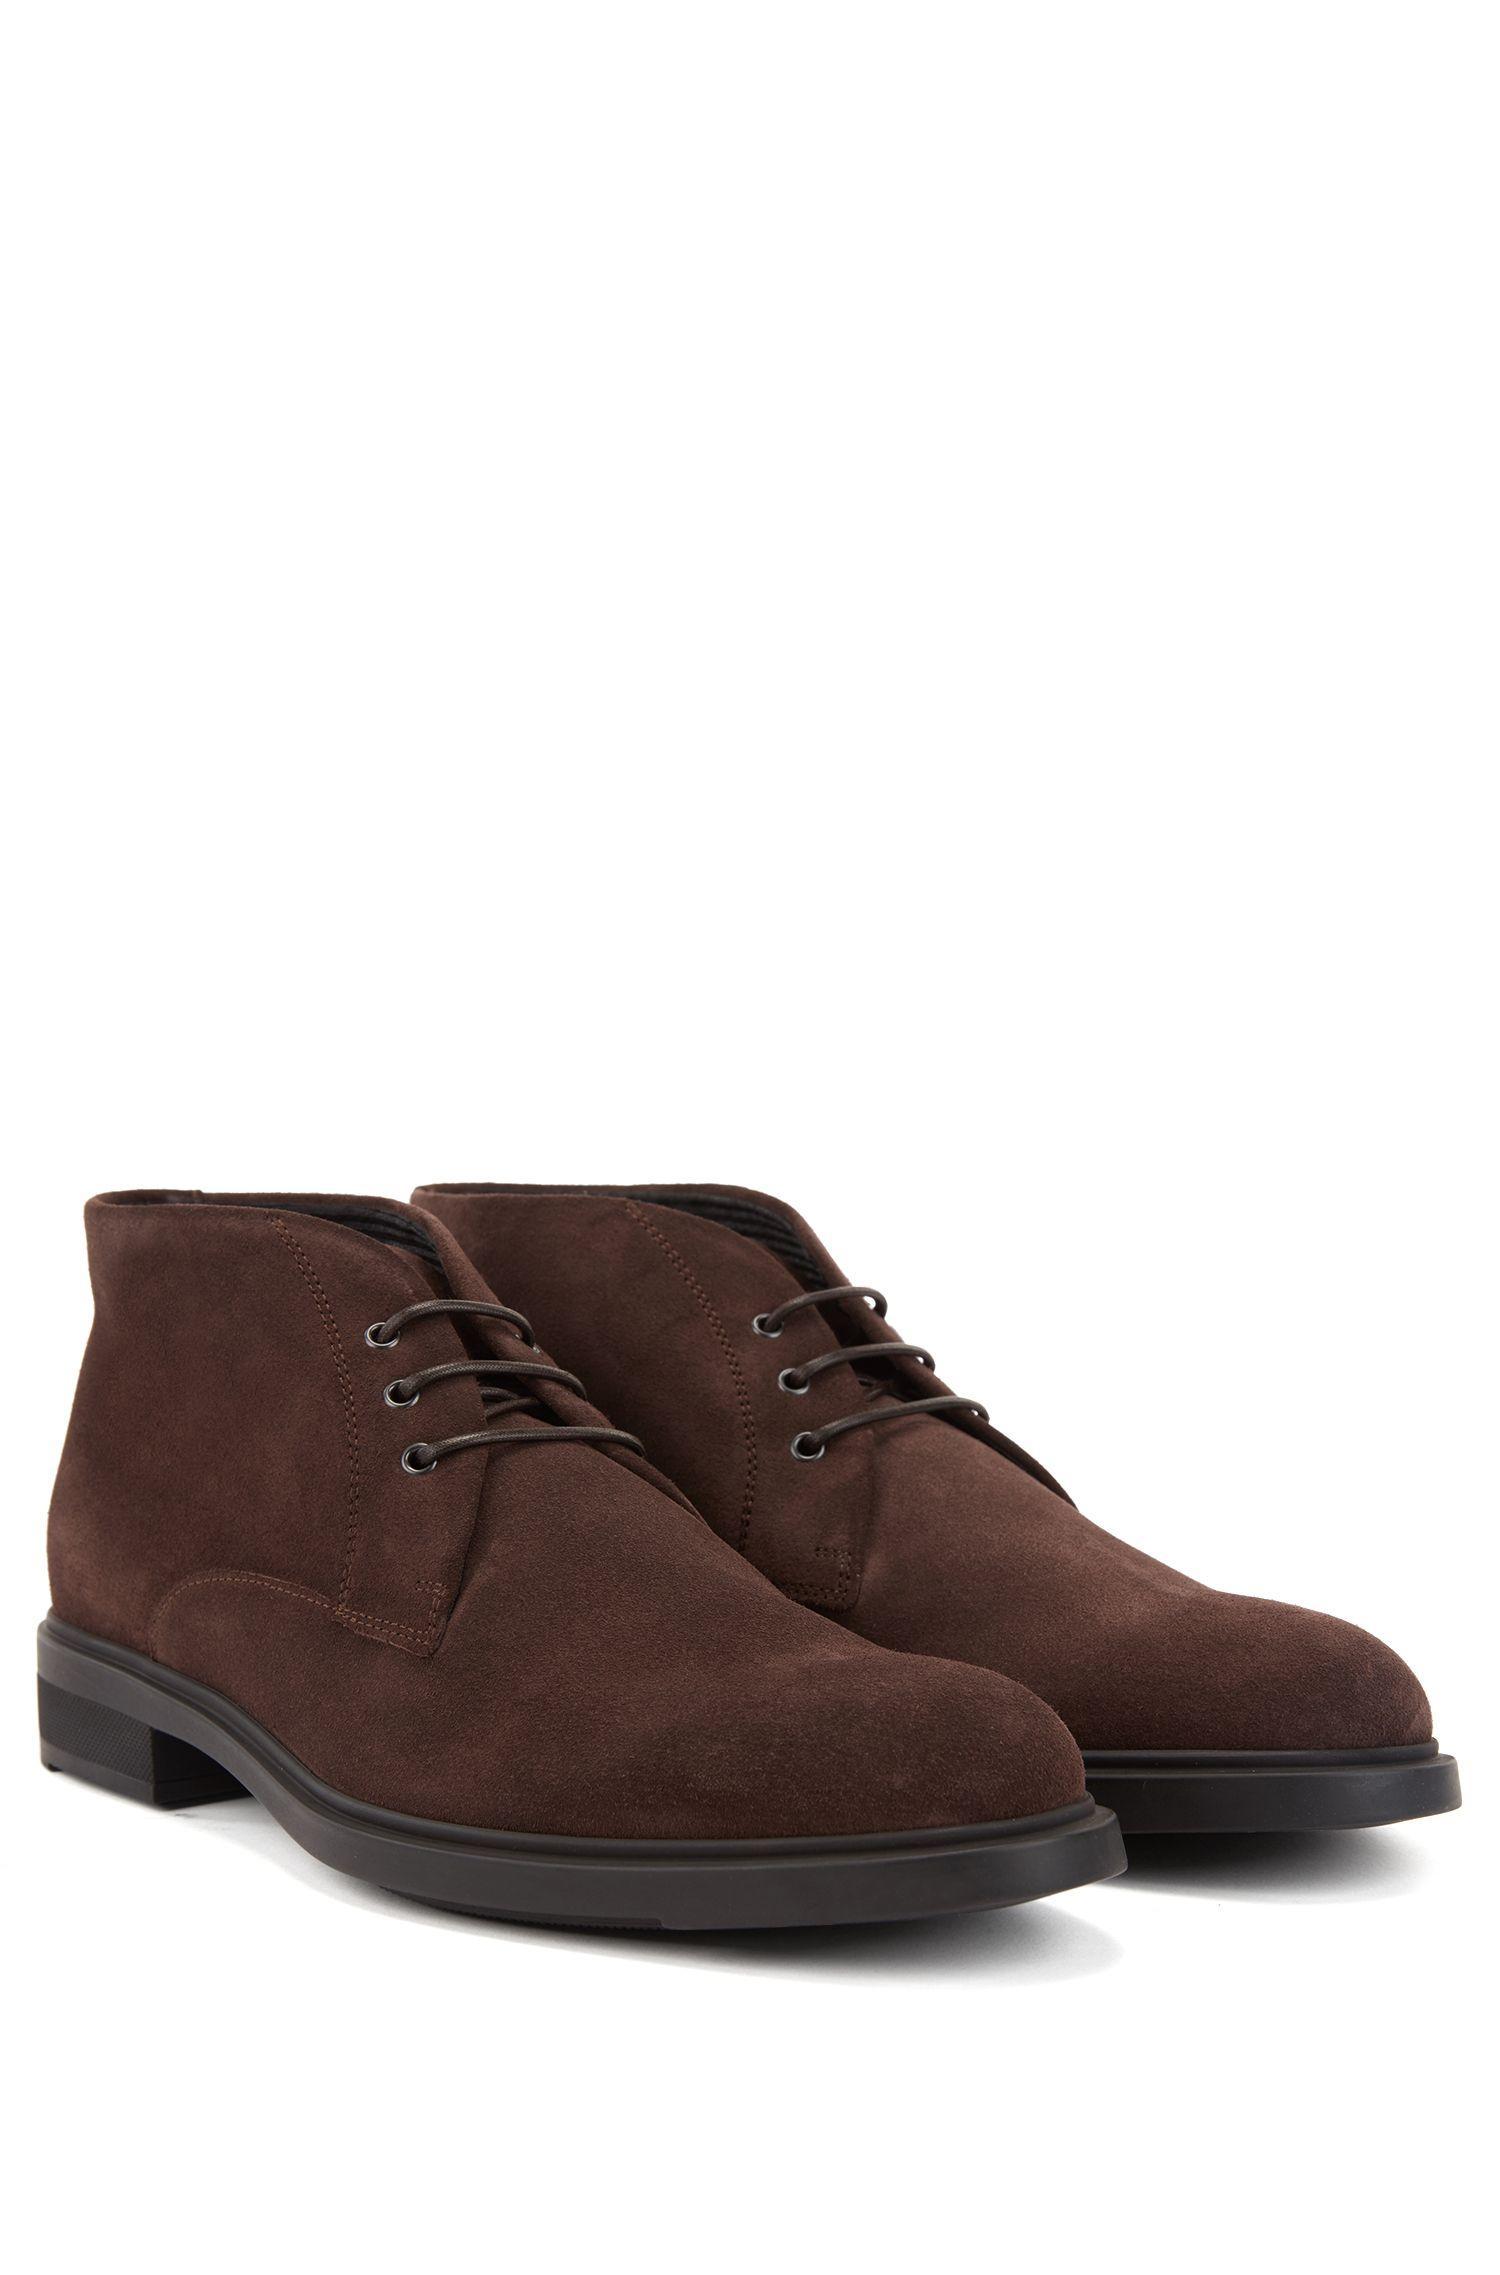 Desert boots en cuir suédé imperméable avec doublure Outlast®, Marron foncé